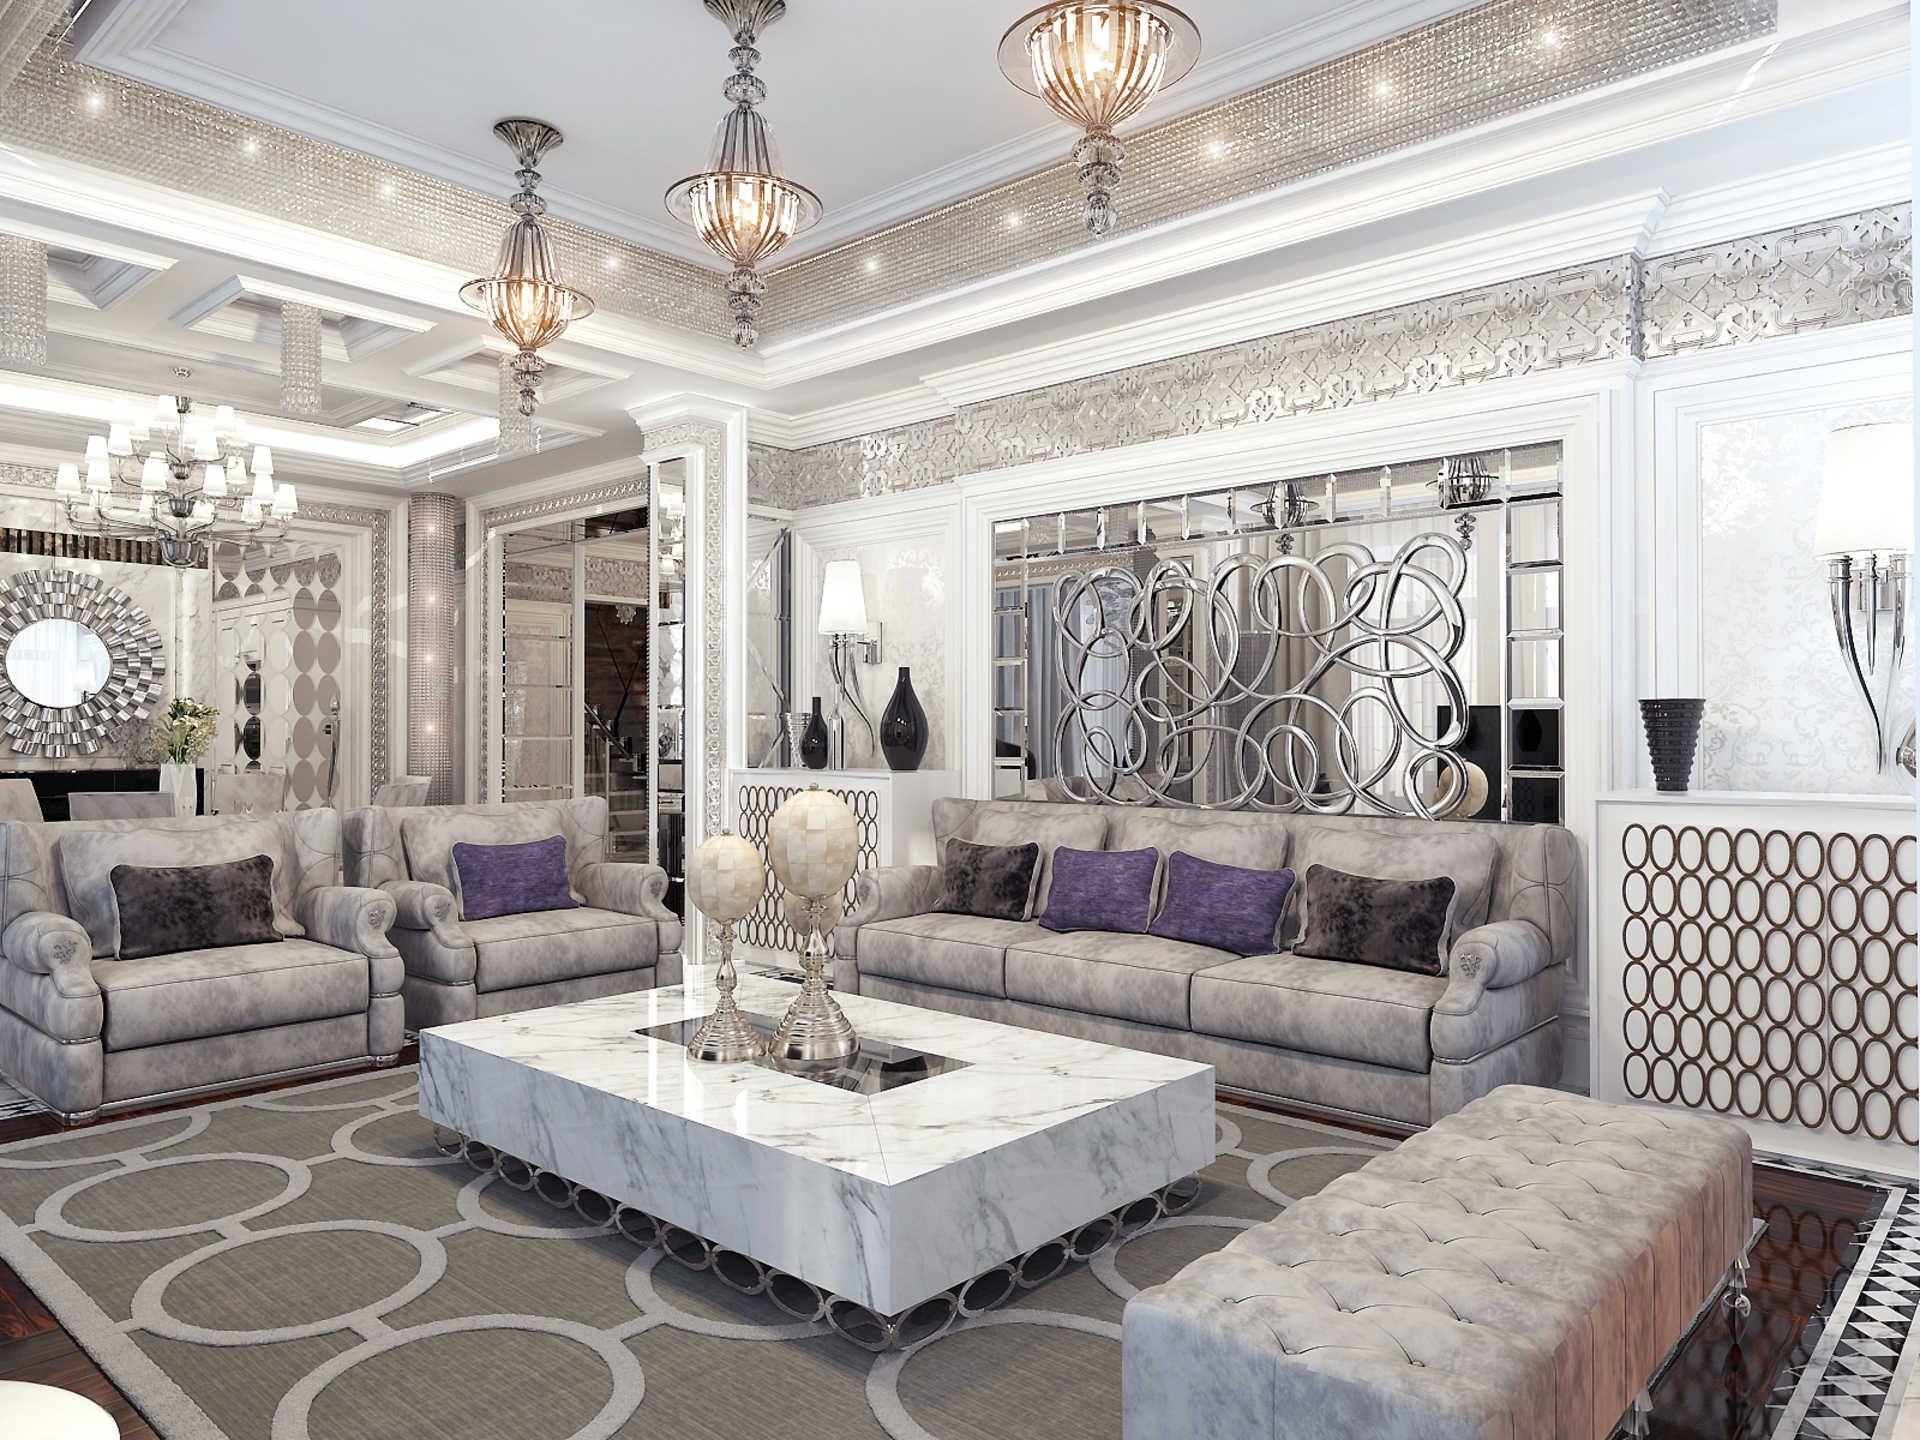 Архитектурное бюро Игоря Сушкова: проектирование интерьеров квартир, коттеджей и домов, ресторанов и кафе - Интерьер загородного дома в стиле Ар-Деко